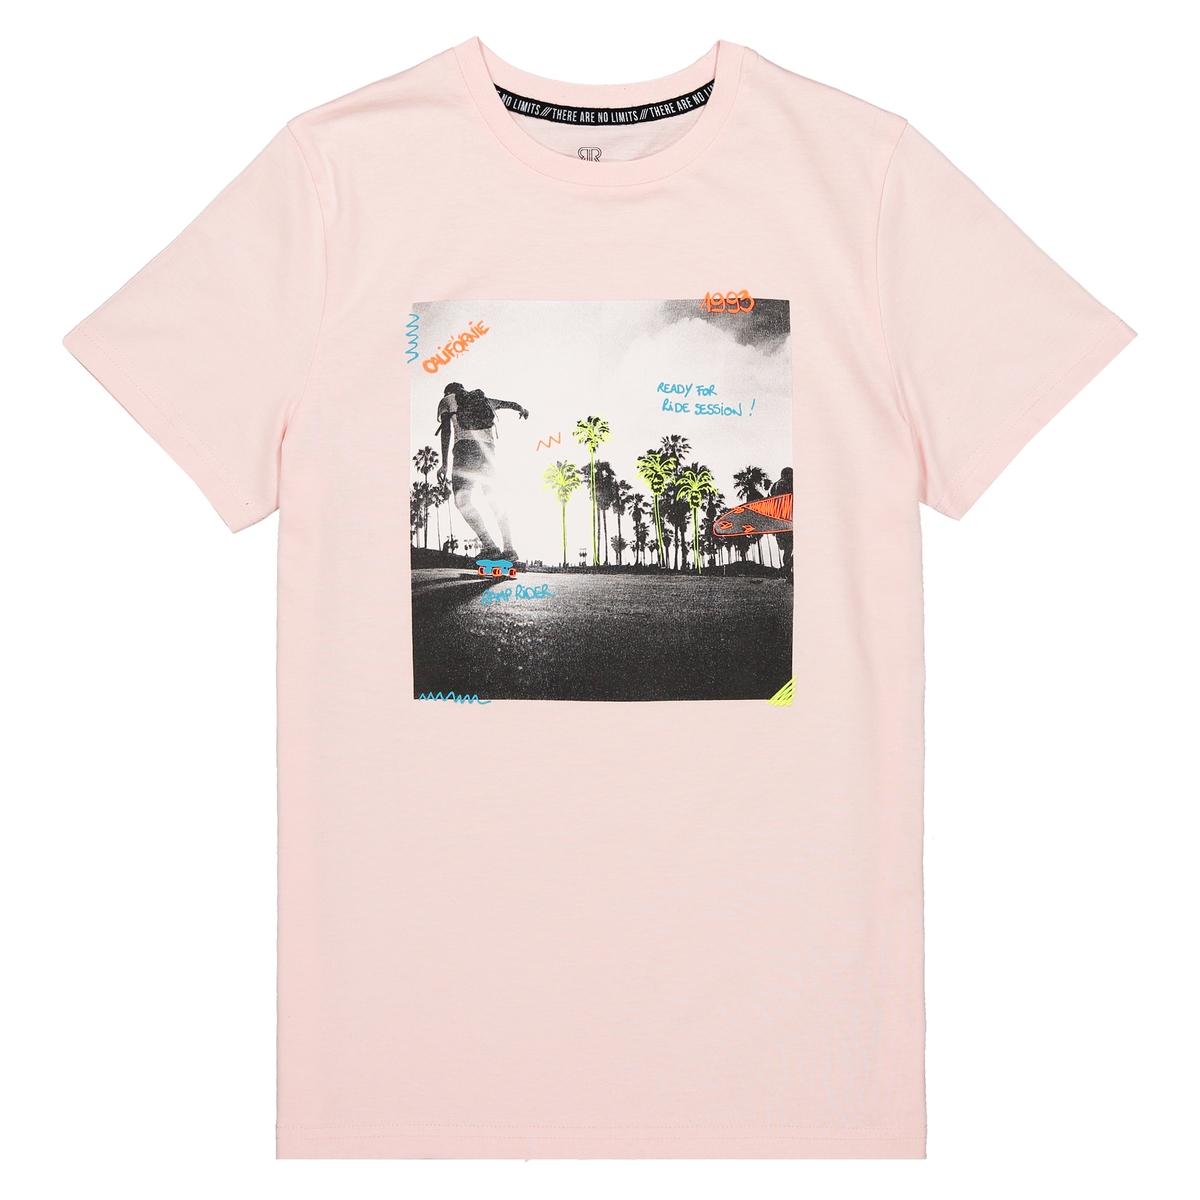 T-shirt de gola redonda, impressão fotográfica, 10-16 anos